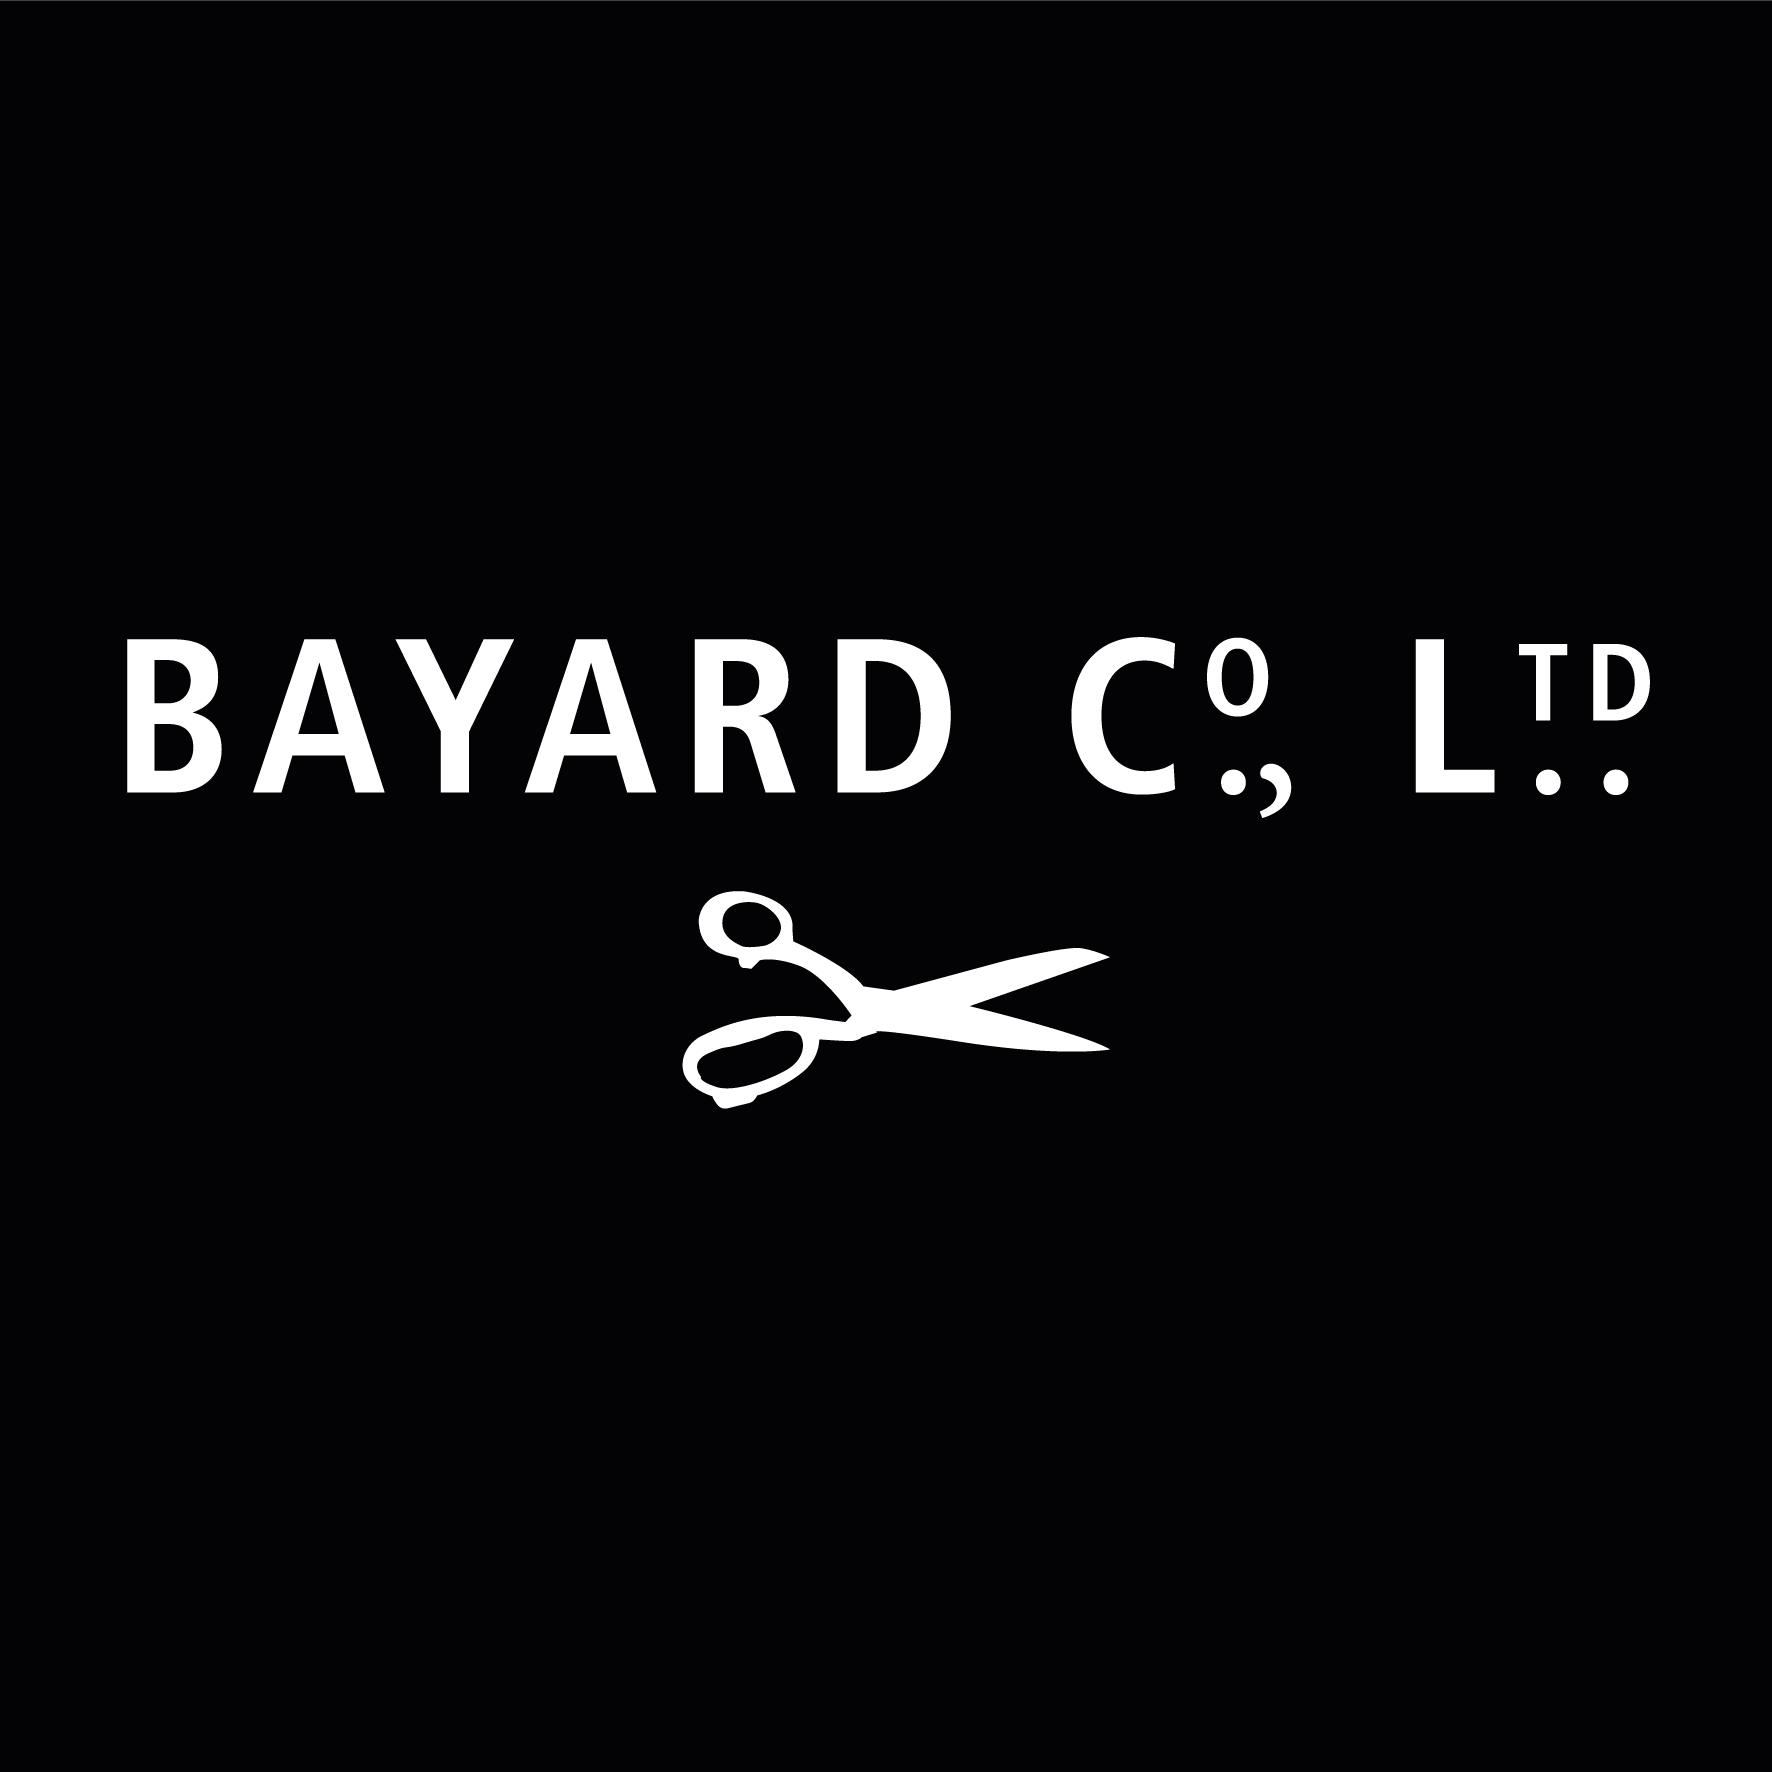 BAYARD CO LTD